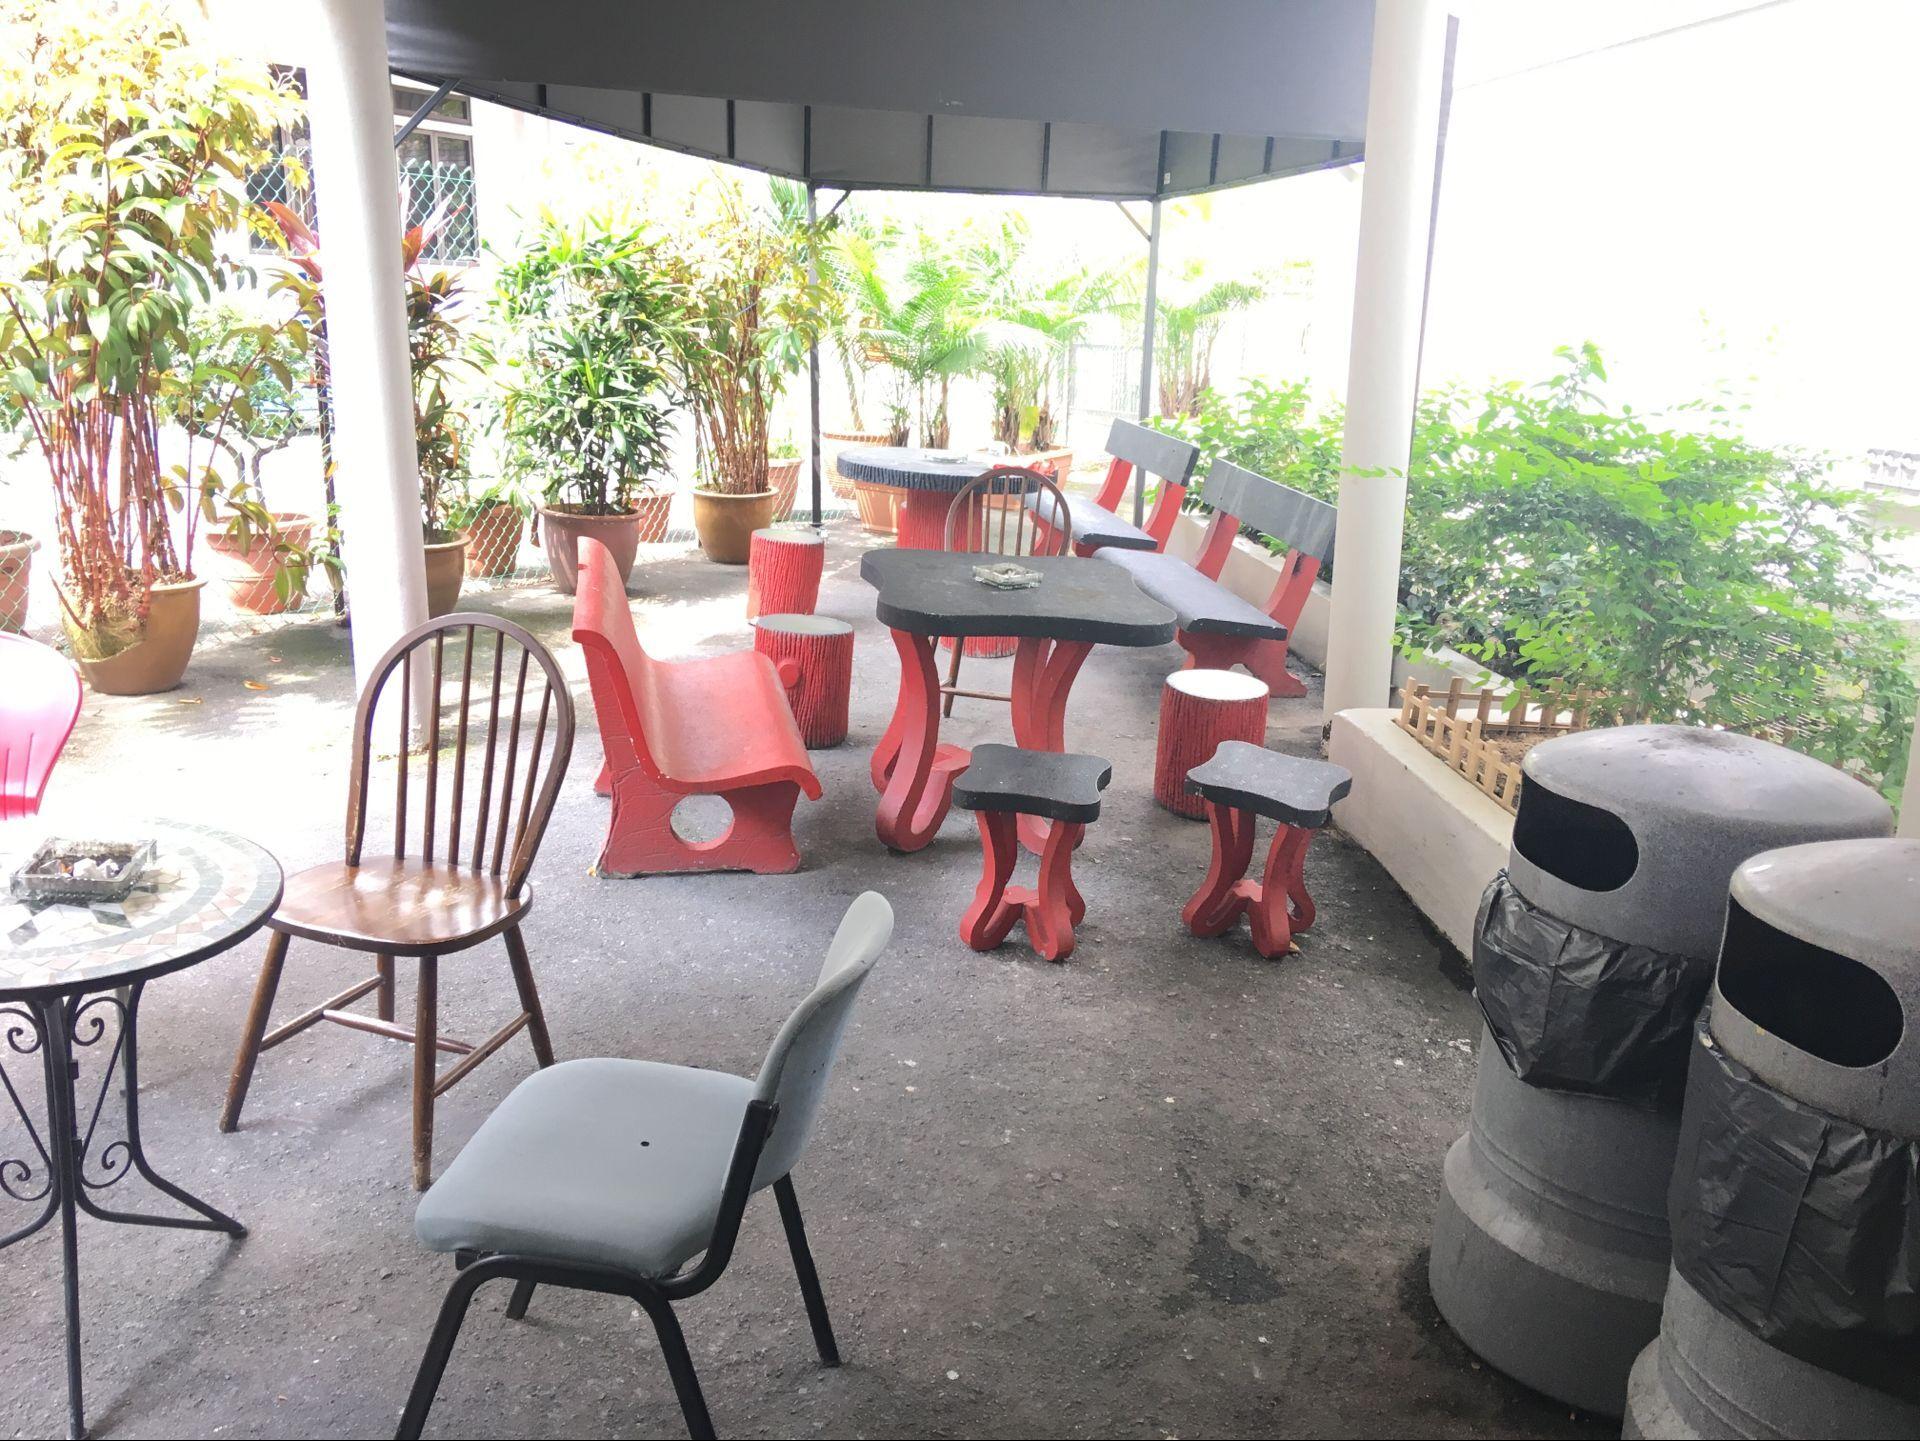 新加坡SHRM莎瑞管理学院本科申请条件有哪些?